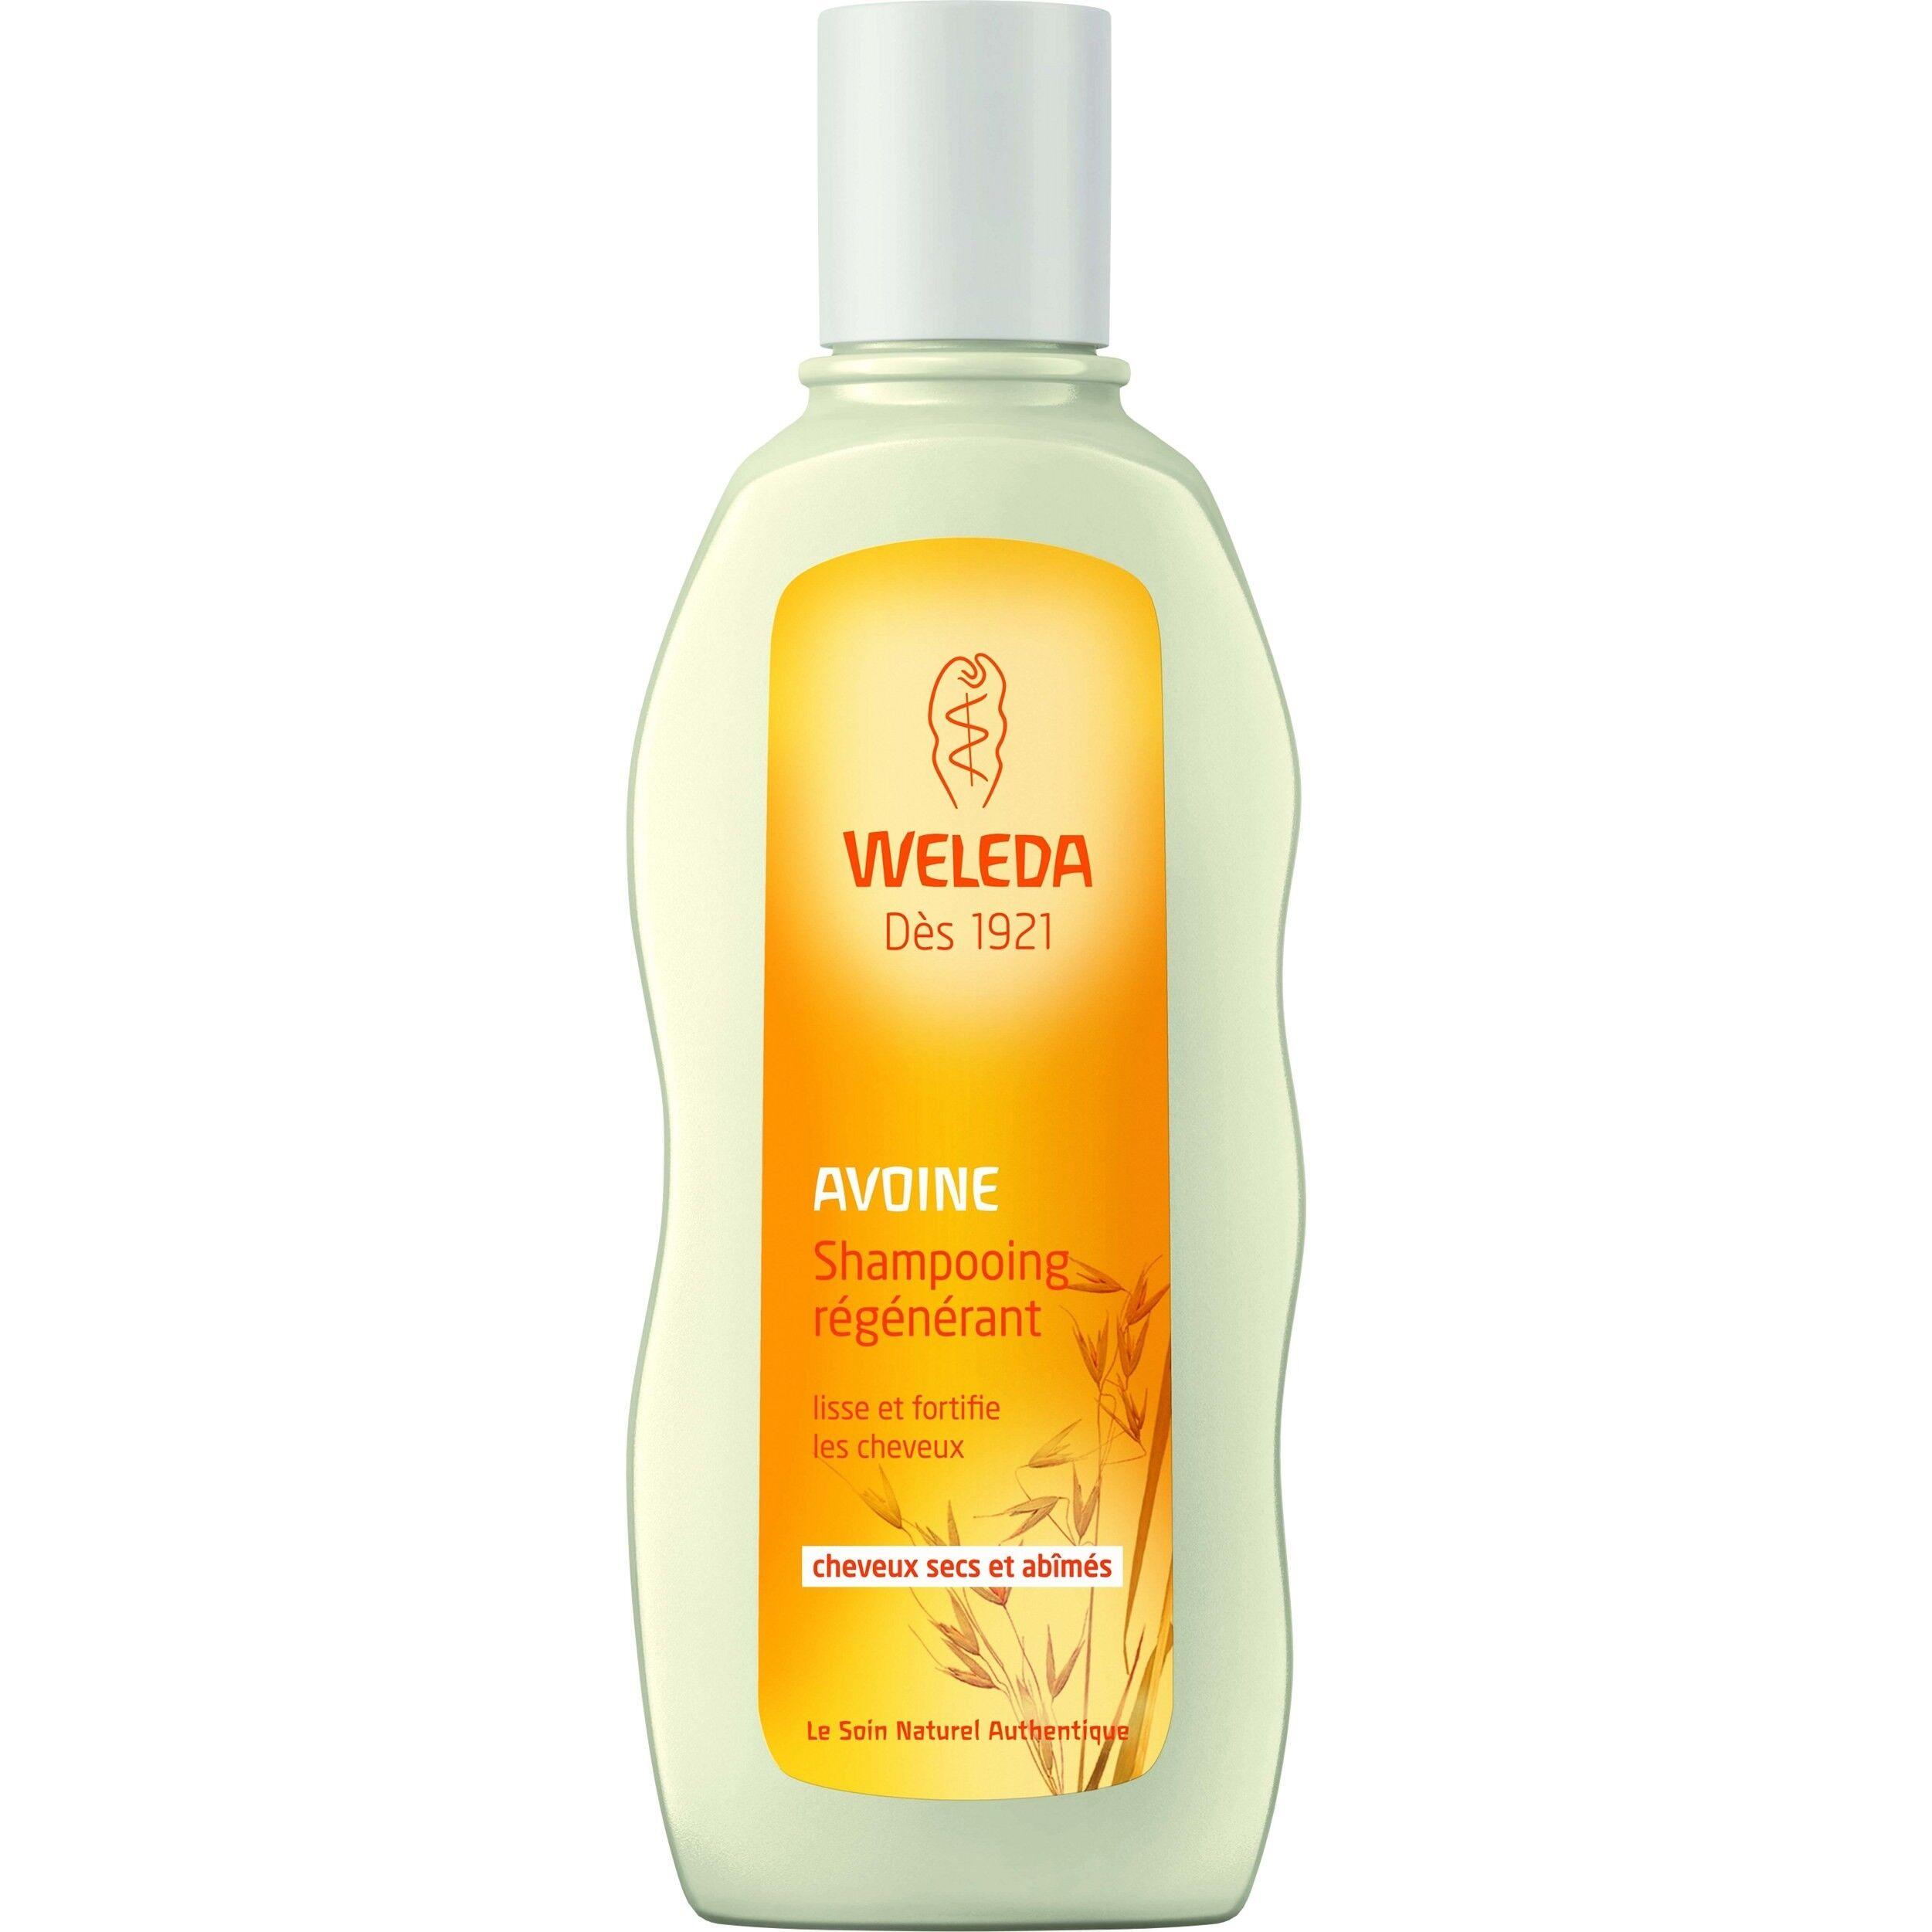 Weleda Shampoing Régénérant à l'avoine - Cheveux secs et abîmés 190 ml - Weleda